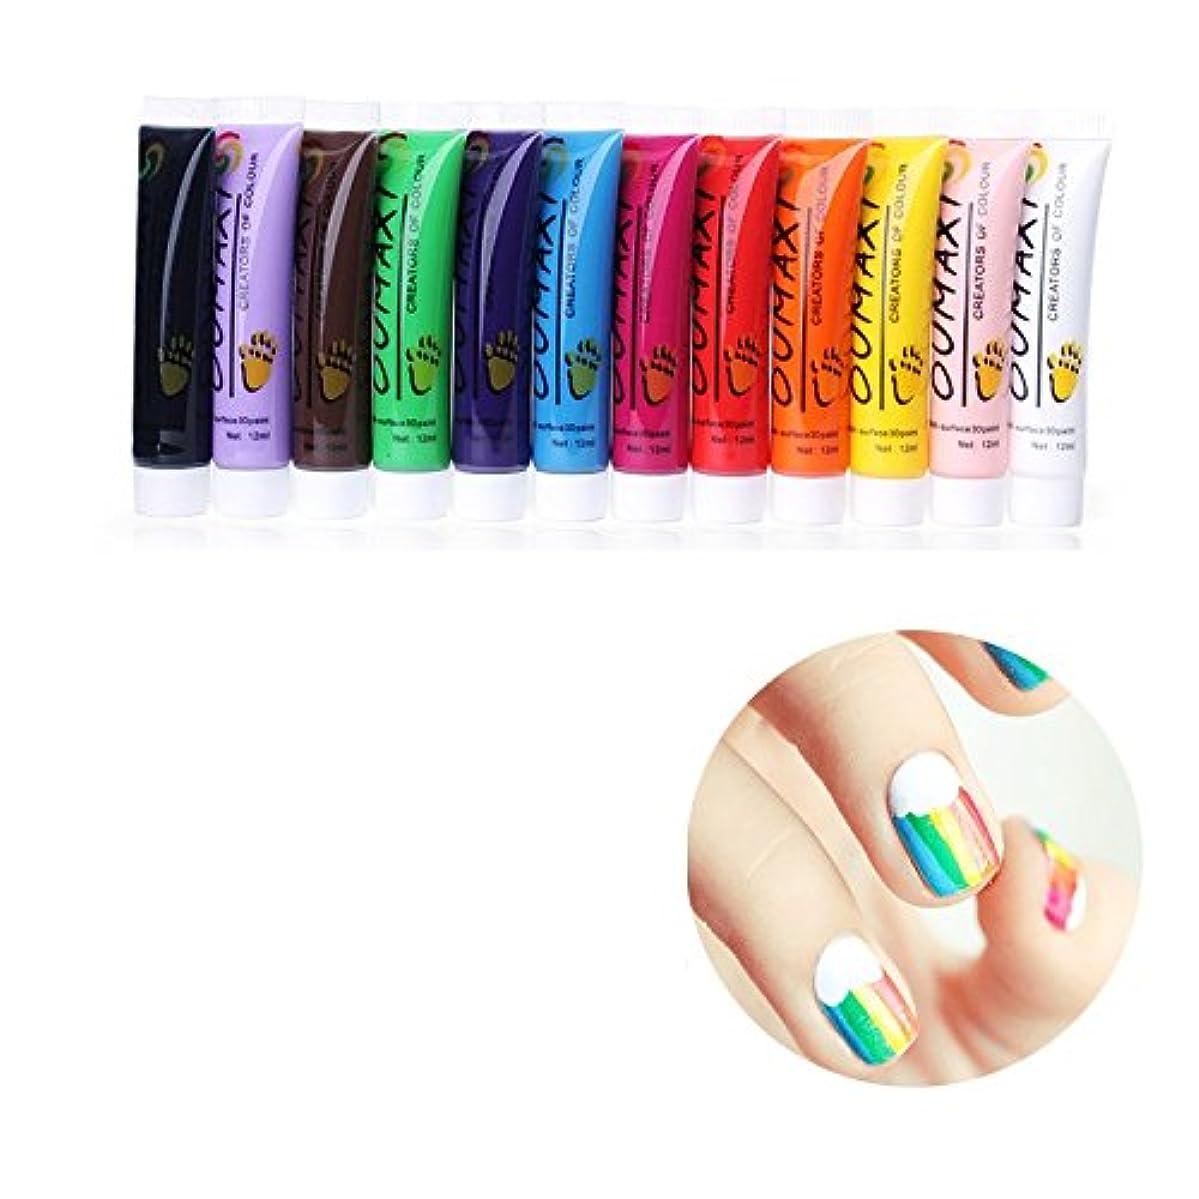 ジョージバーナードスケッチ扱う12Pc Colors Nail Art Pen 3D Painting Draw Paint Tube Pigment Acrylic Kits Decorations UV Gel Draw Design DIY Pencil...